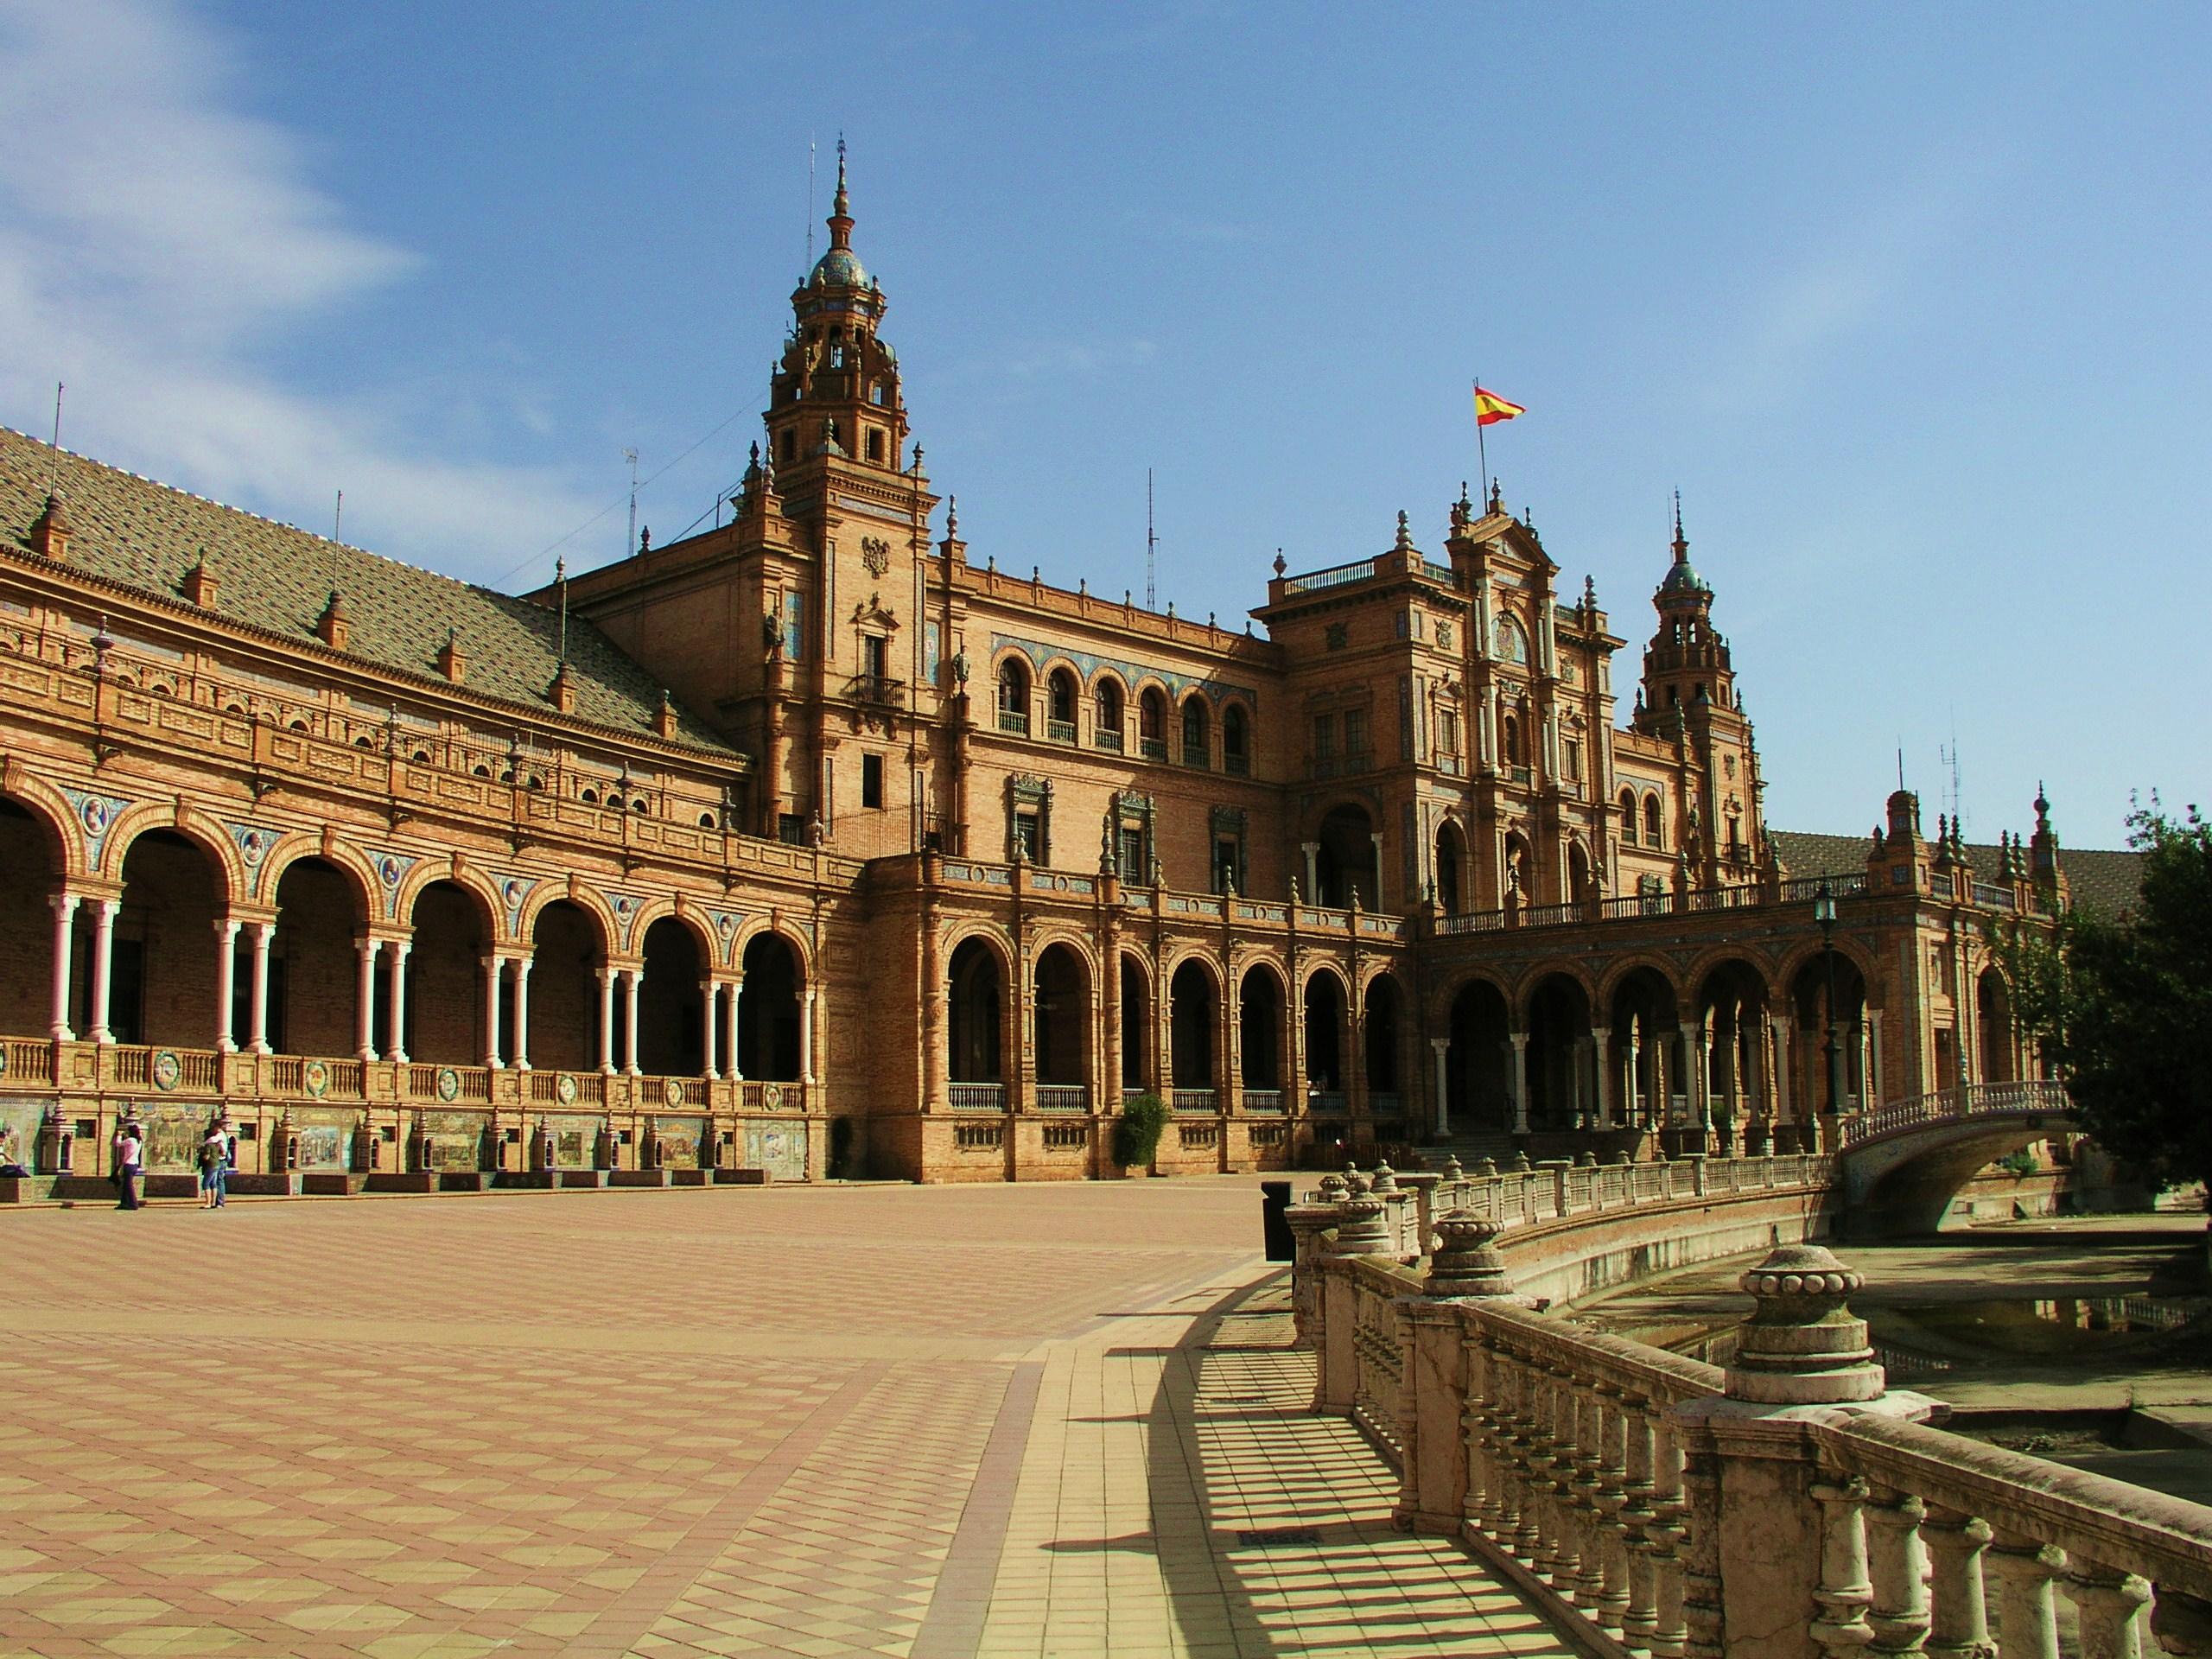 File:Plaza de Espana - plein in Sevilla.jpg